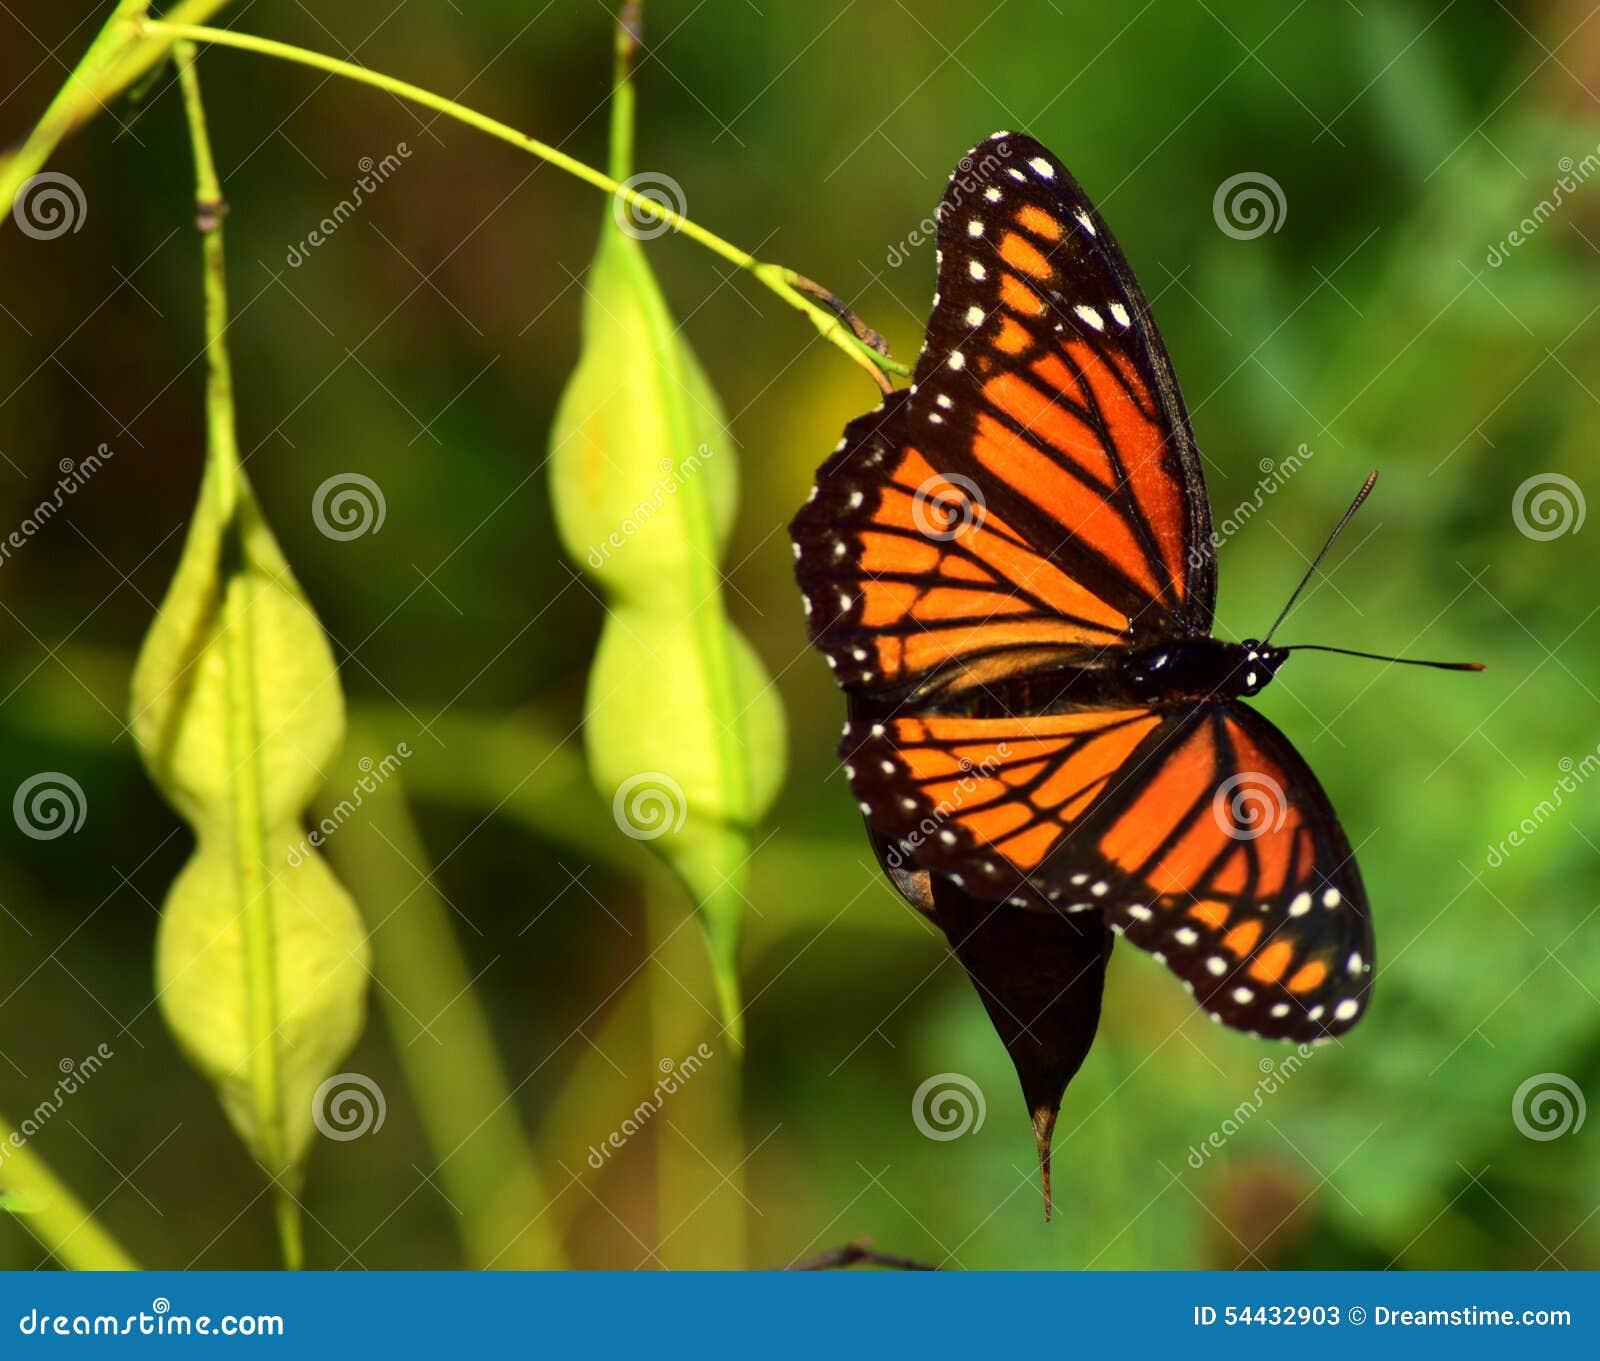 Бабочка в природе